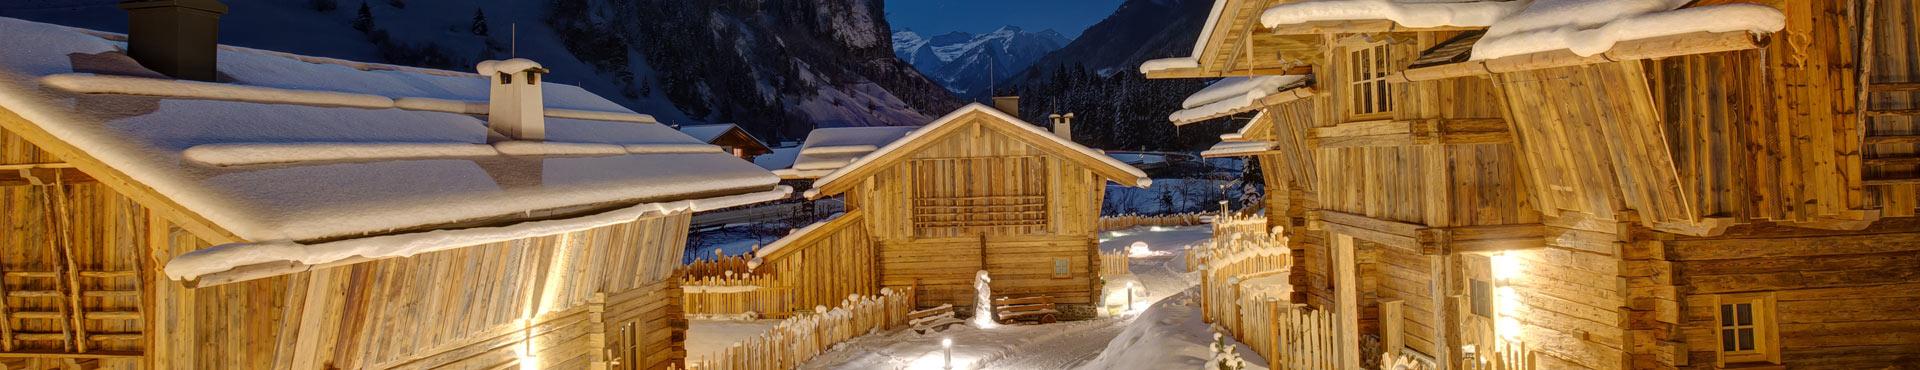 Genießen Sie den Winterurlaub im eigenen Luxus-Chalet in Österreich